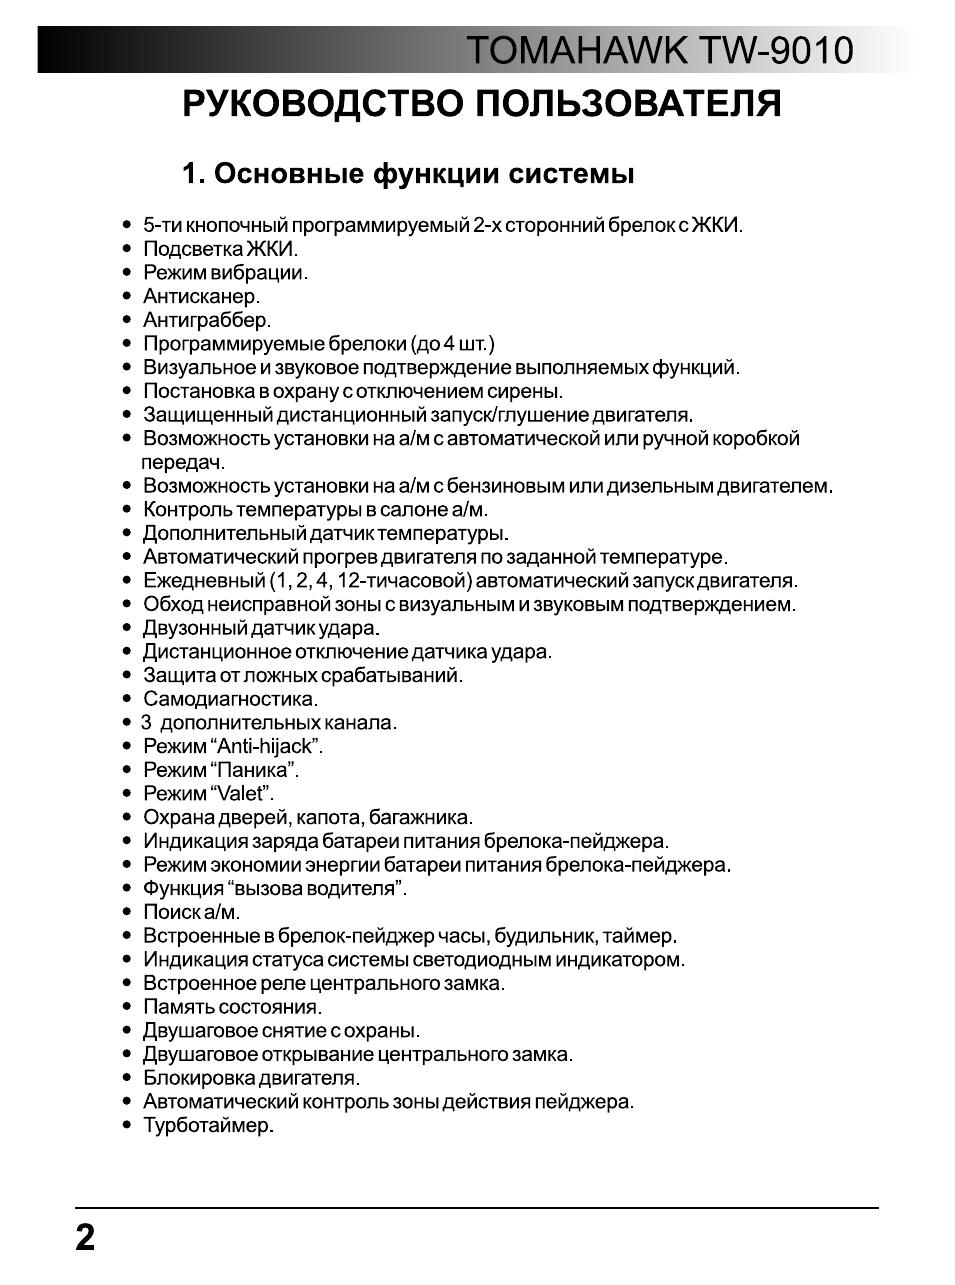 Основные функции системы, Tomahawk tw-901 о, Руководство пользователя